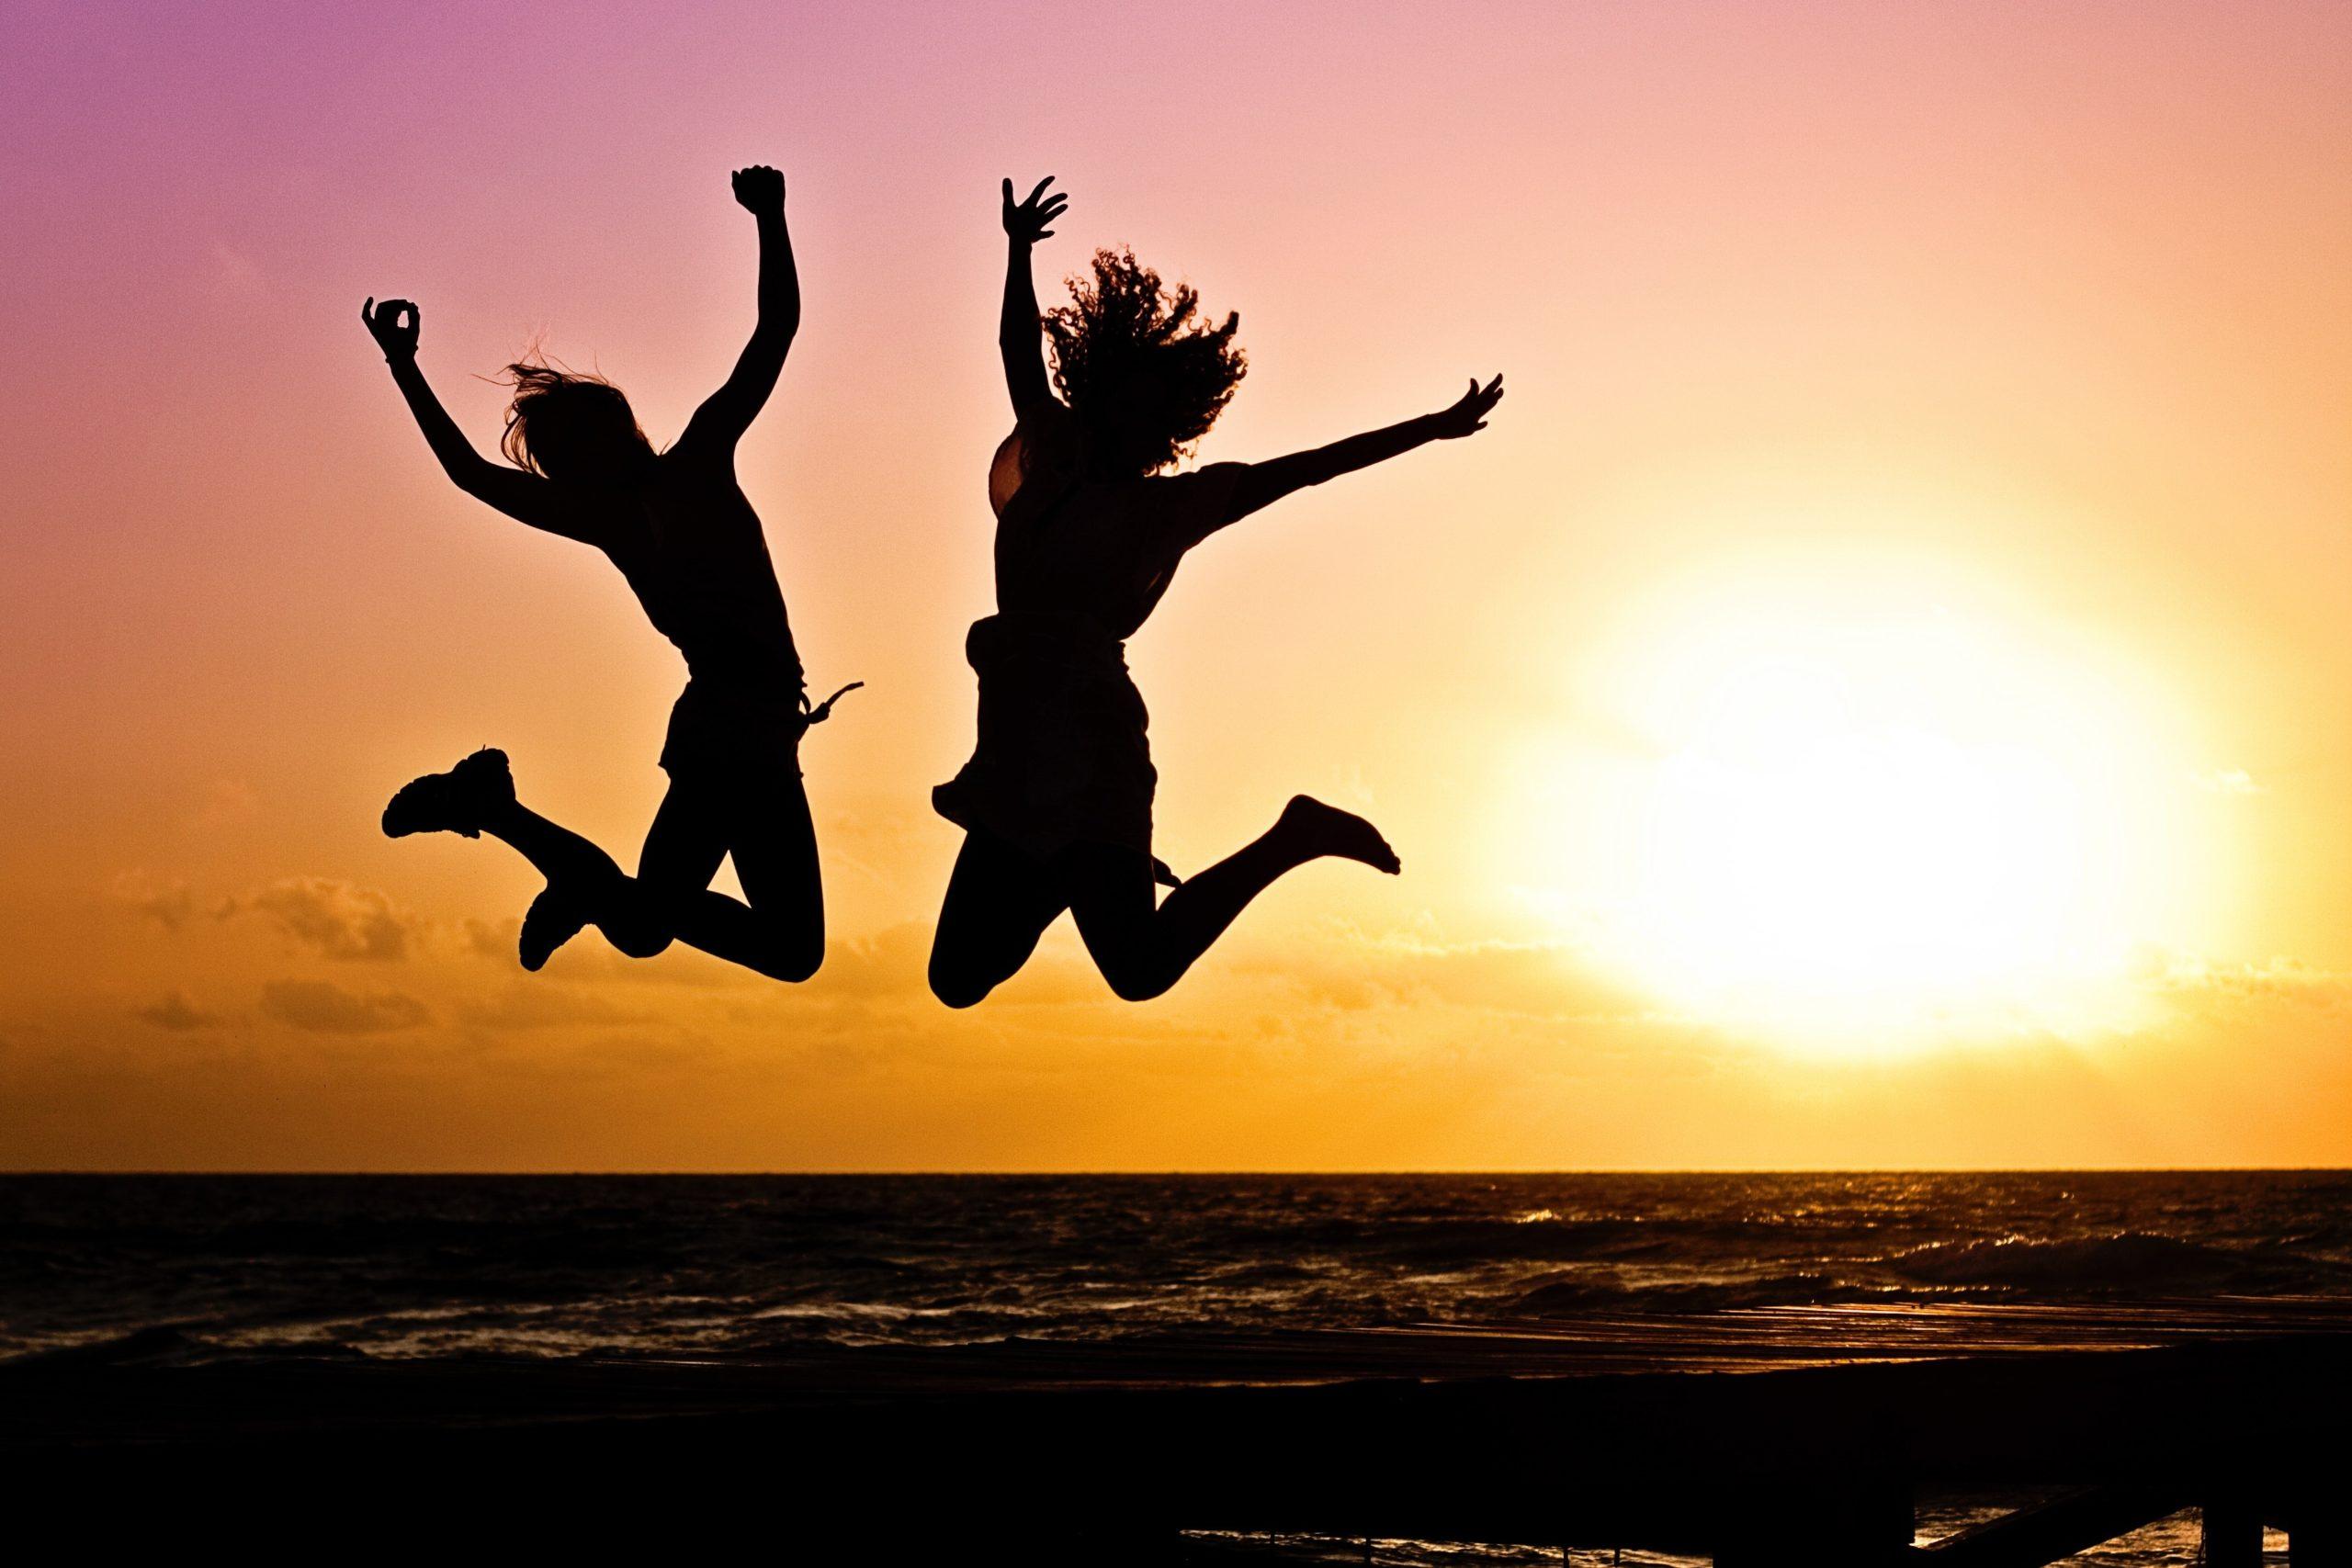 Ilusion, motivacion, foco, decision, alegria, felicidad, bienestar, compartir, union, amor, almas, liberacion, autoestima, felicidad, confianza, amistad